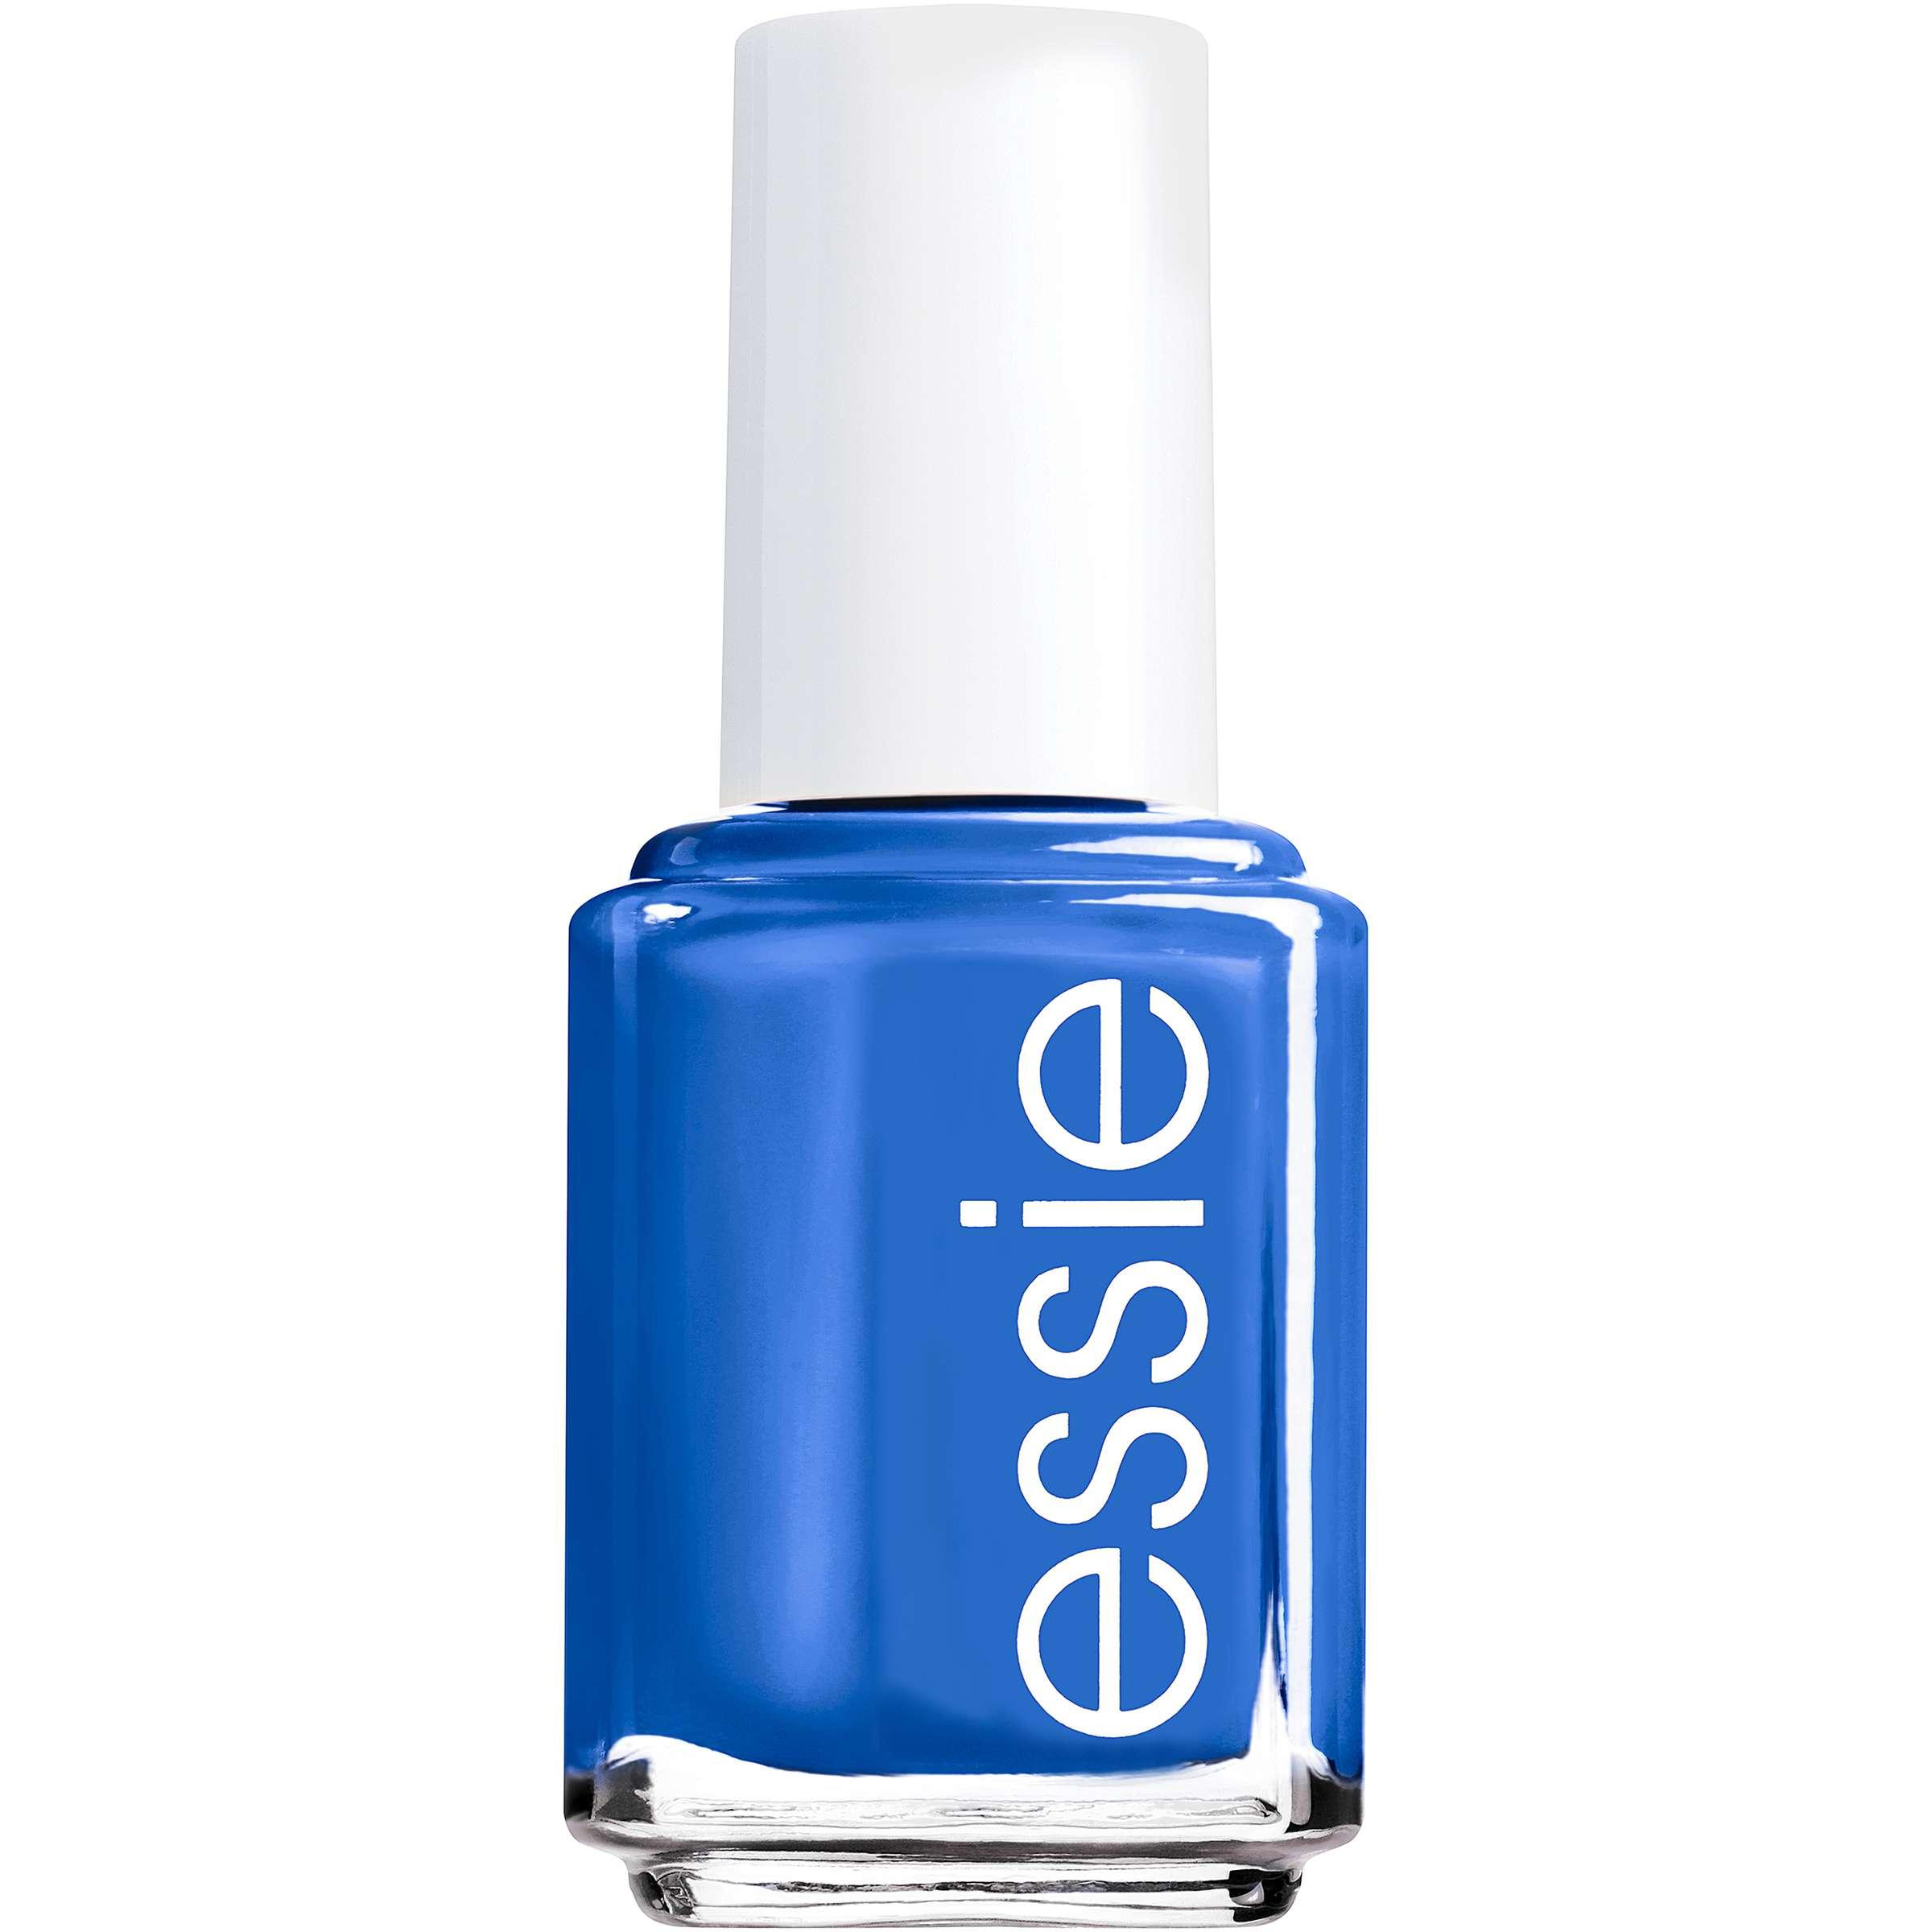 Essie Butler Please nail polish